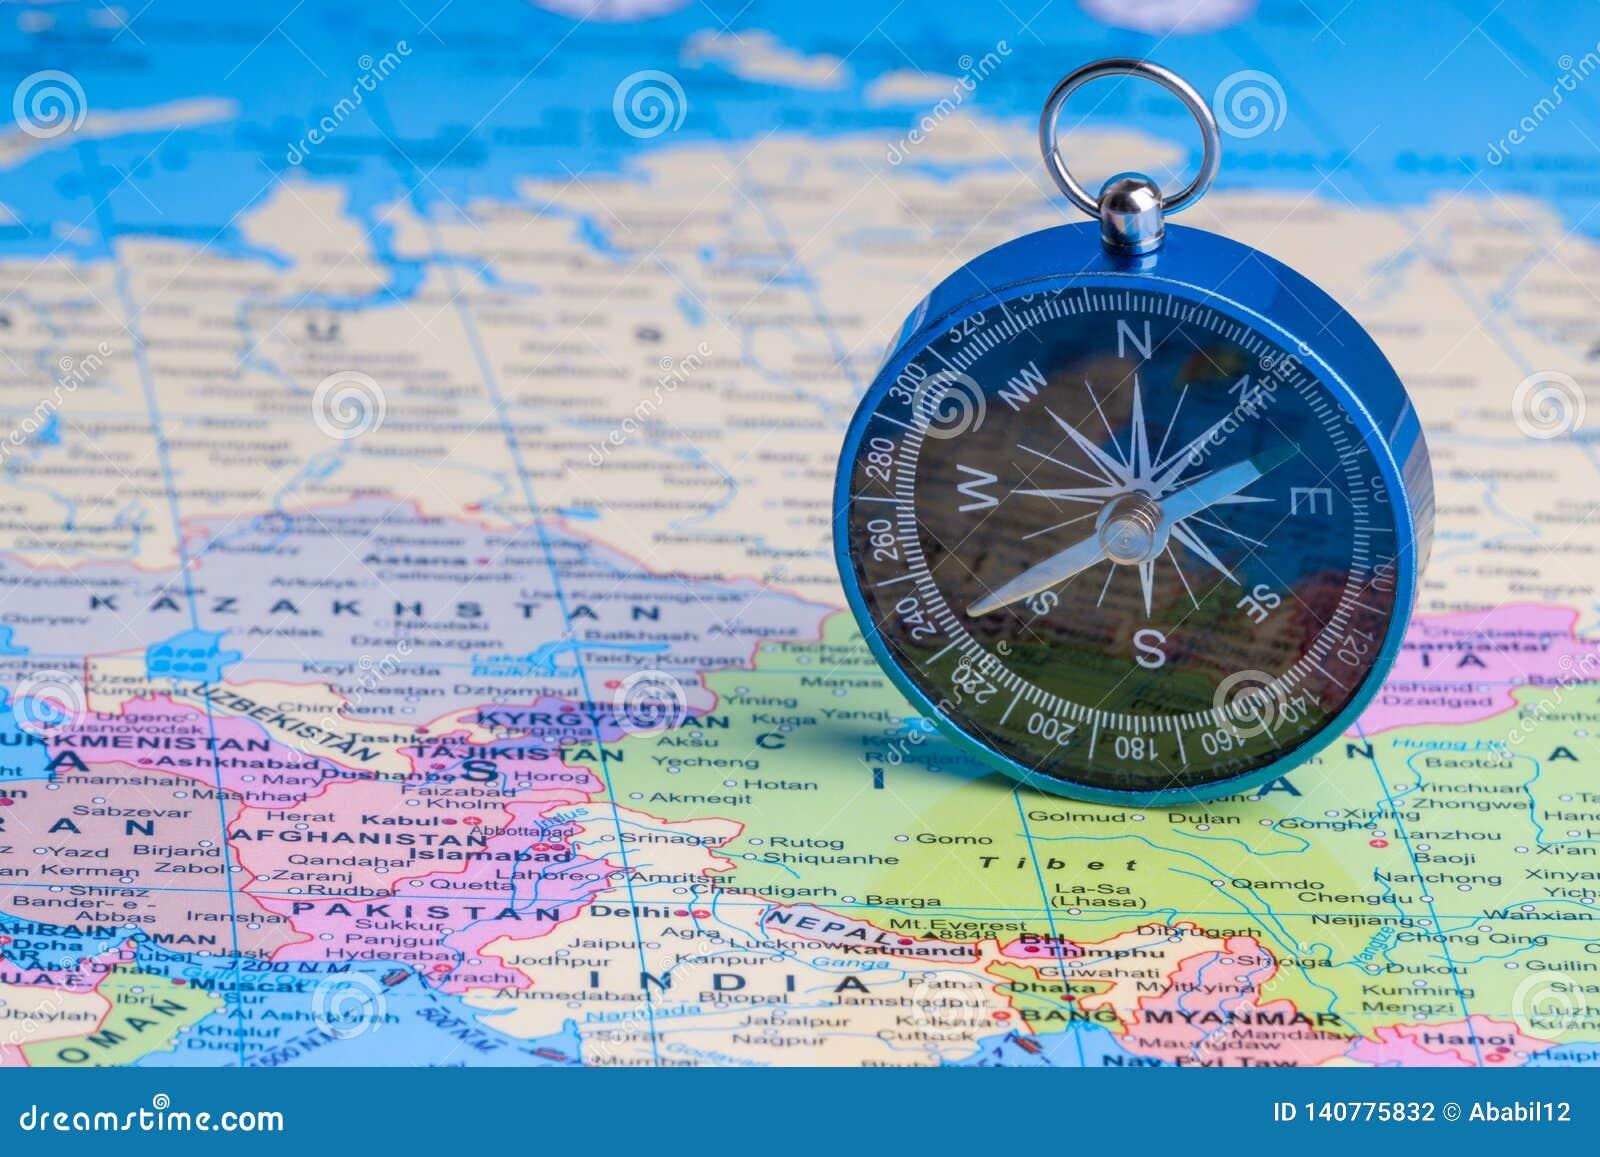 Kuala Lumpur World Map on mexico city world map, macau world map, dili world map, asia world map, damascus on world map, malaysia world map, hanoi world map, wellington on world map, budapest world map, jakarta world map, taipei world map, kolkata world map, pyongyang world map, singapore world map, mindanao world map, manila world map, amsterdam world map, auckland world map, thailand world map, islamabad world map,